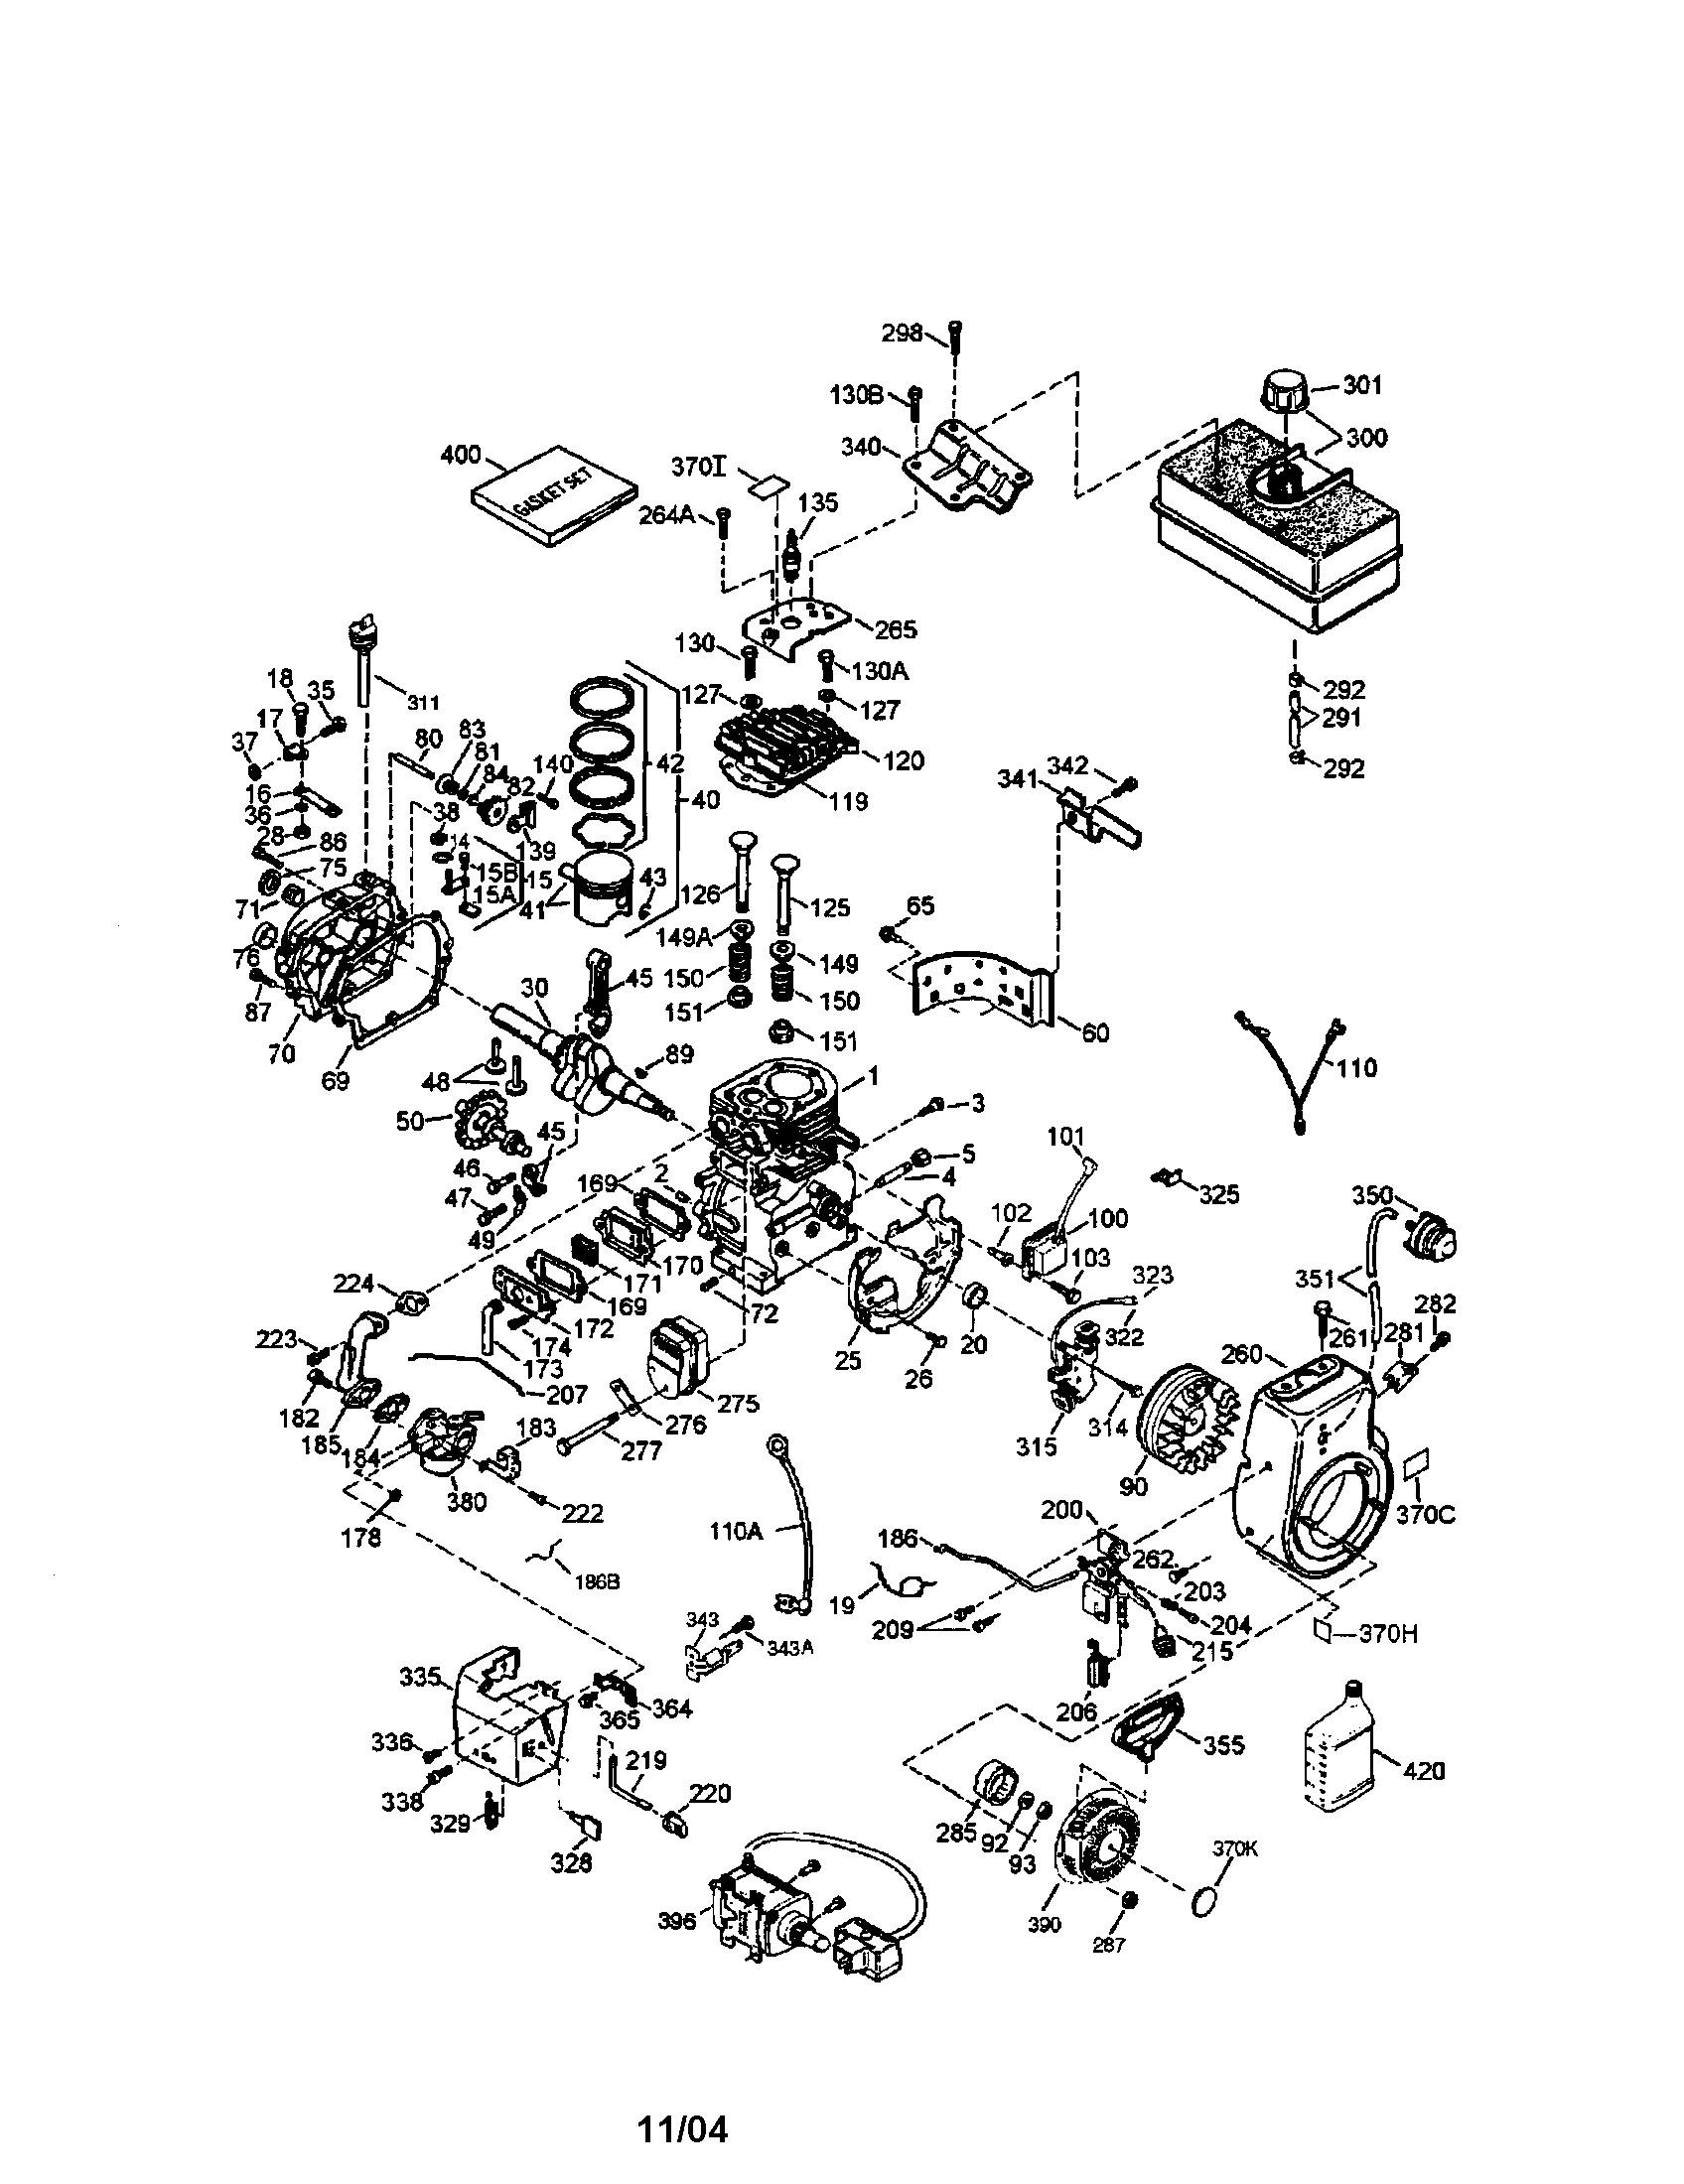 Carburetor Diagram for Tecumseh Engine Tecumseh Engine